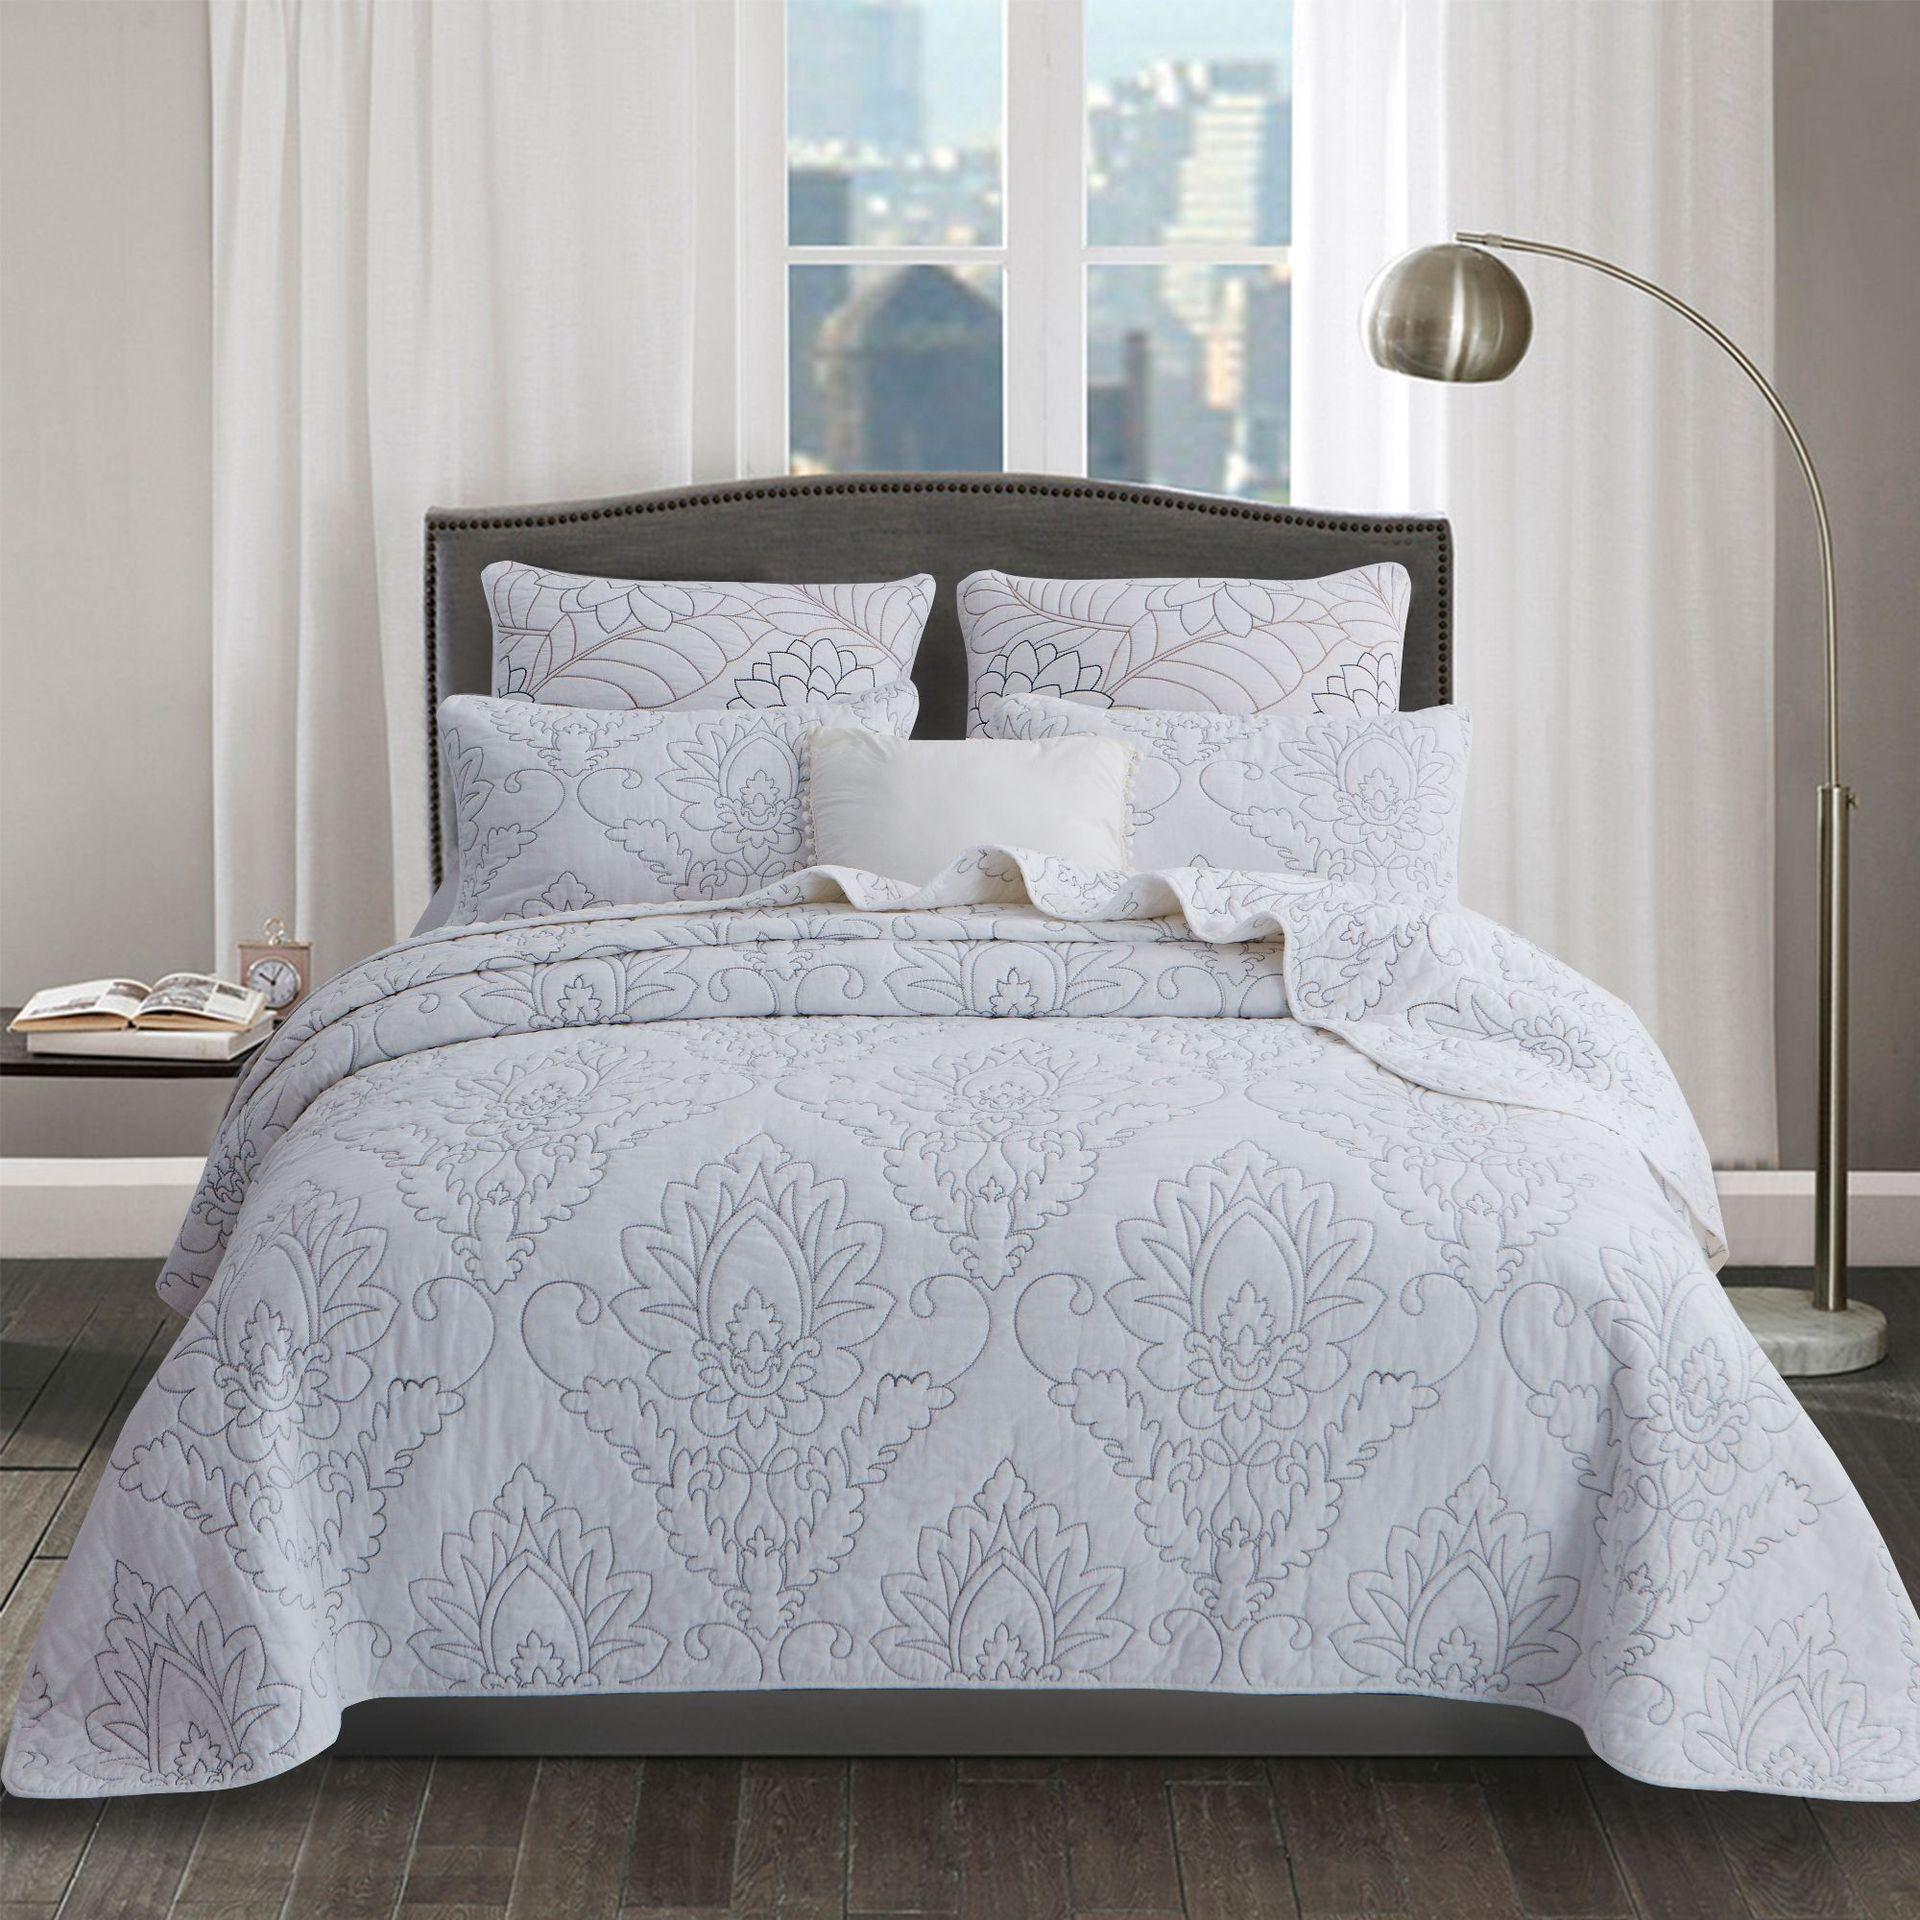 FAMVOTAR White Vintage Quilted Bedspread Sets Floral ...